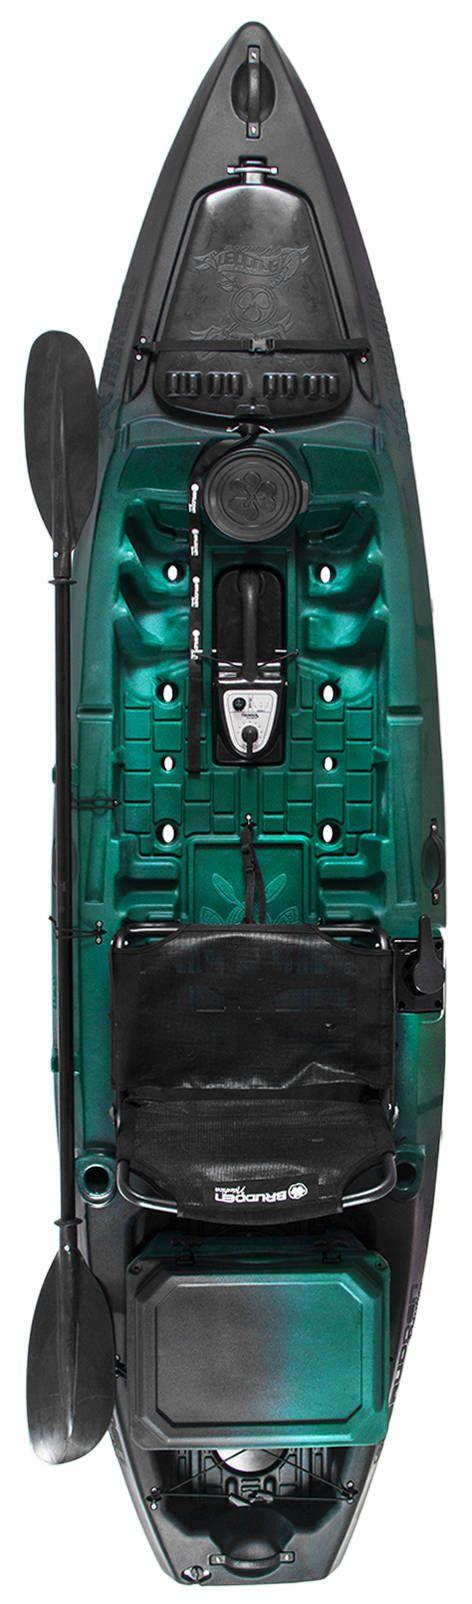 Caiaque Samurai Fishing Thunder Combo Com Motor Eletrico e Caixa Termica Brudden